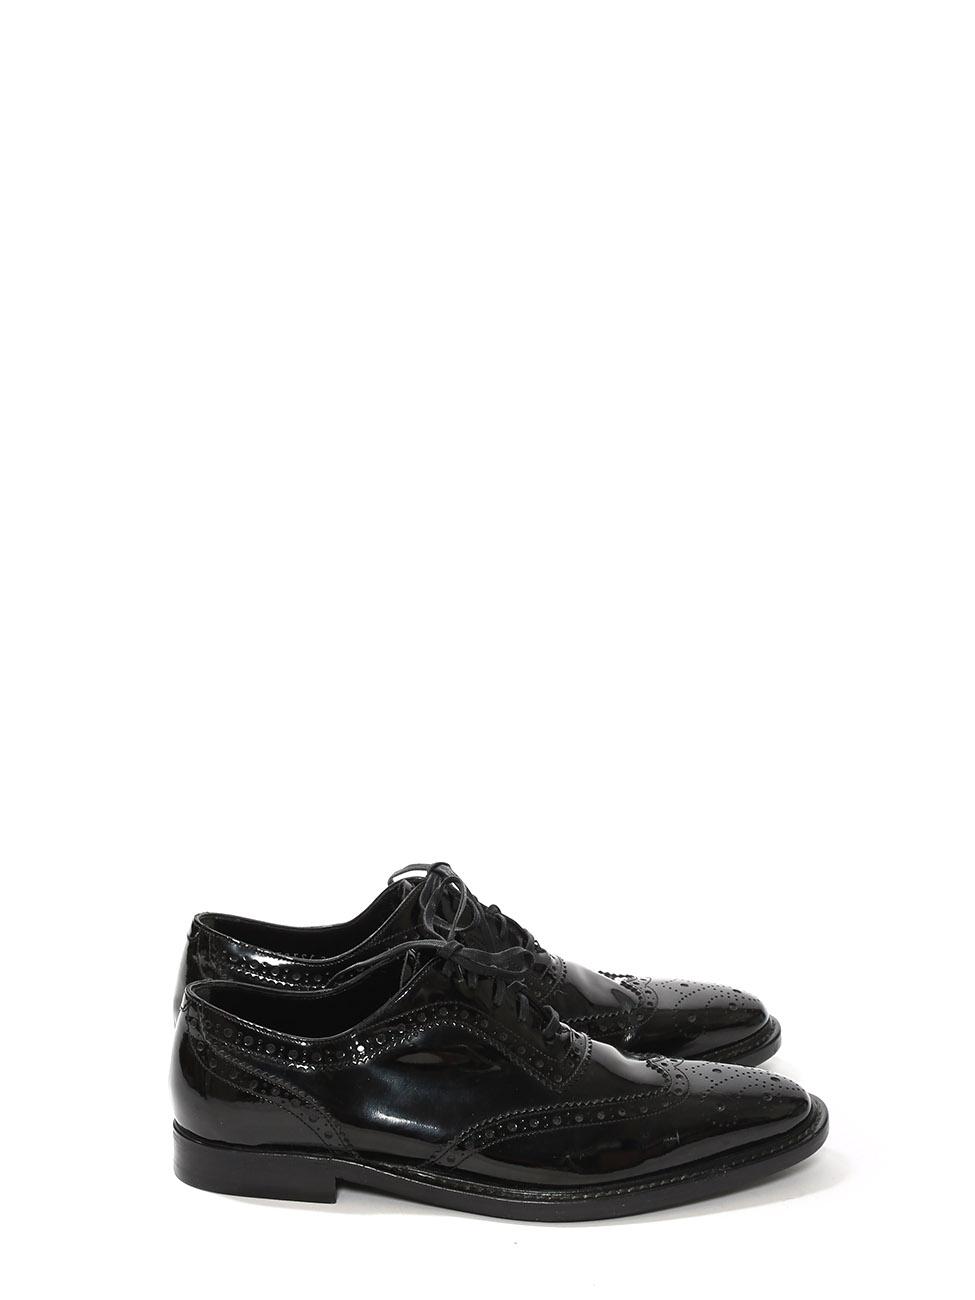 76fe22d0c13 Louise Paris - DOLCE   GABBANA Chaussures Richelieu en cuir verni ...